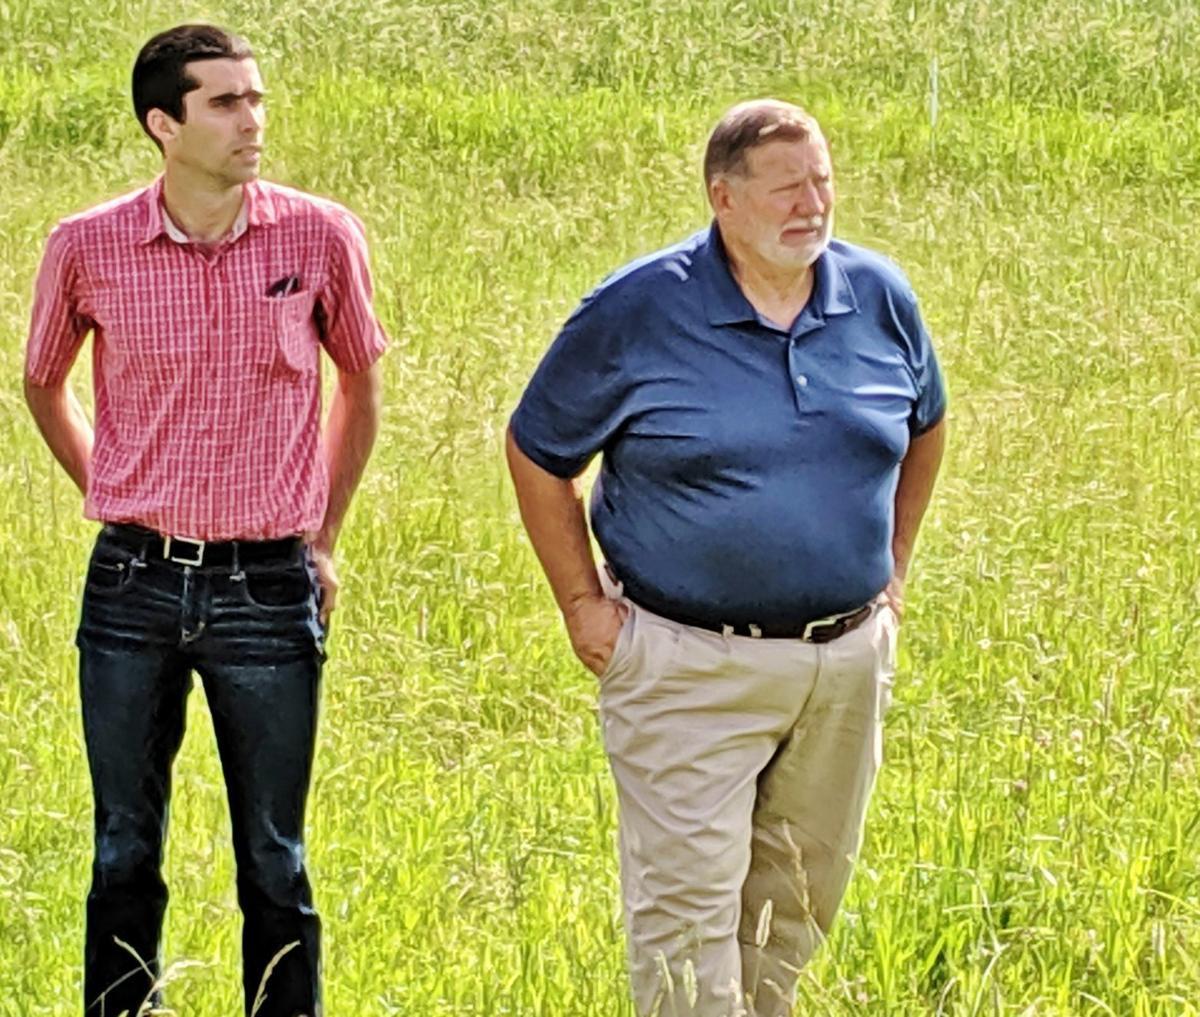 Nicholas Leete and John Priske